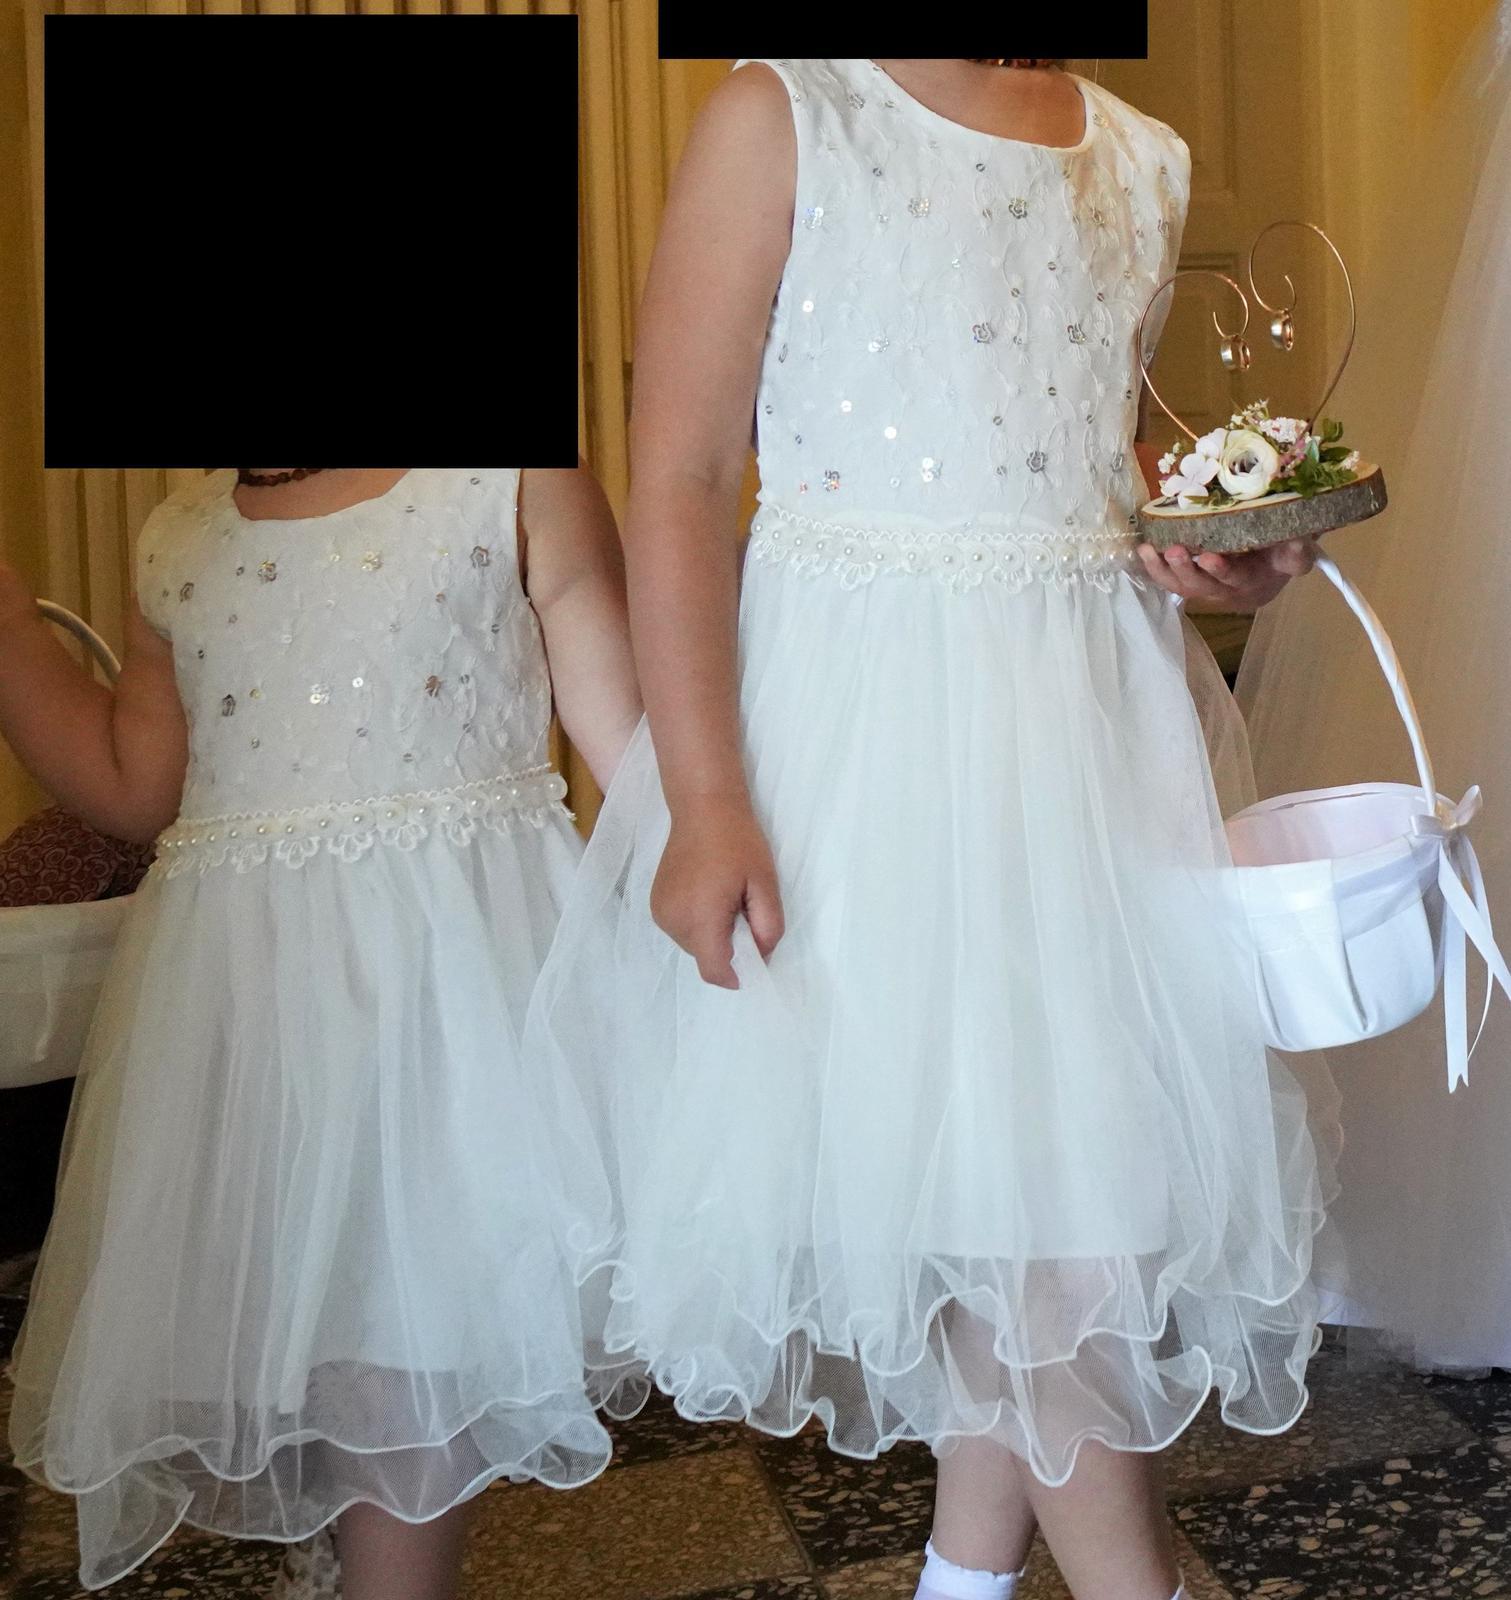 Družičkovské šaty - Obrázek č. 1